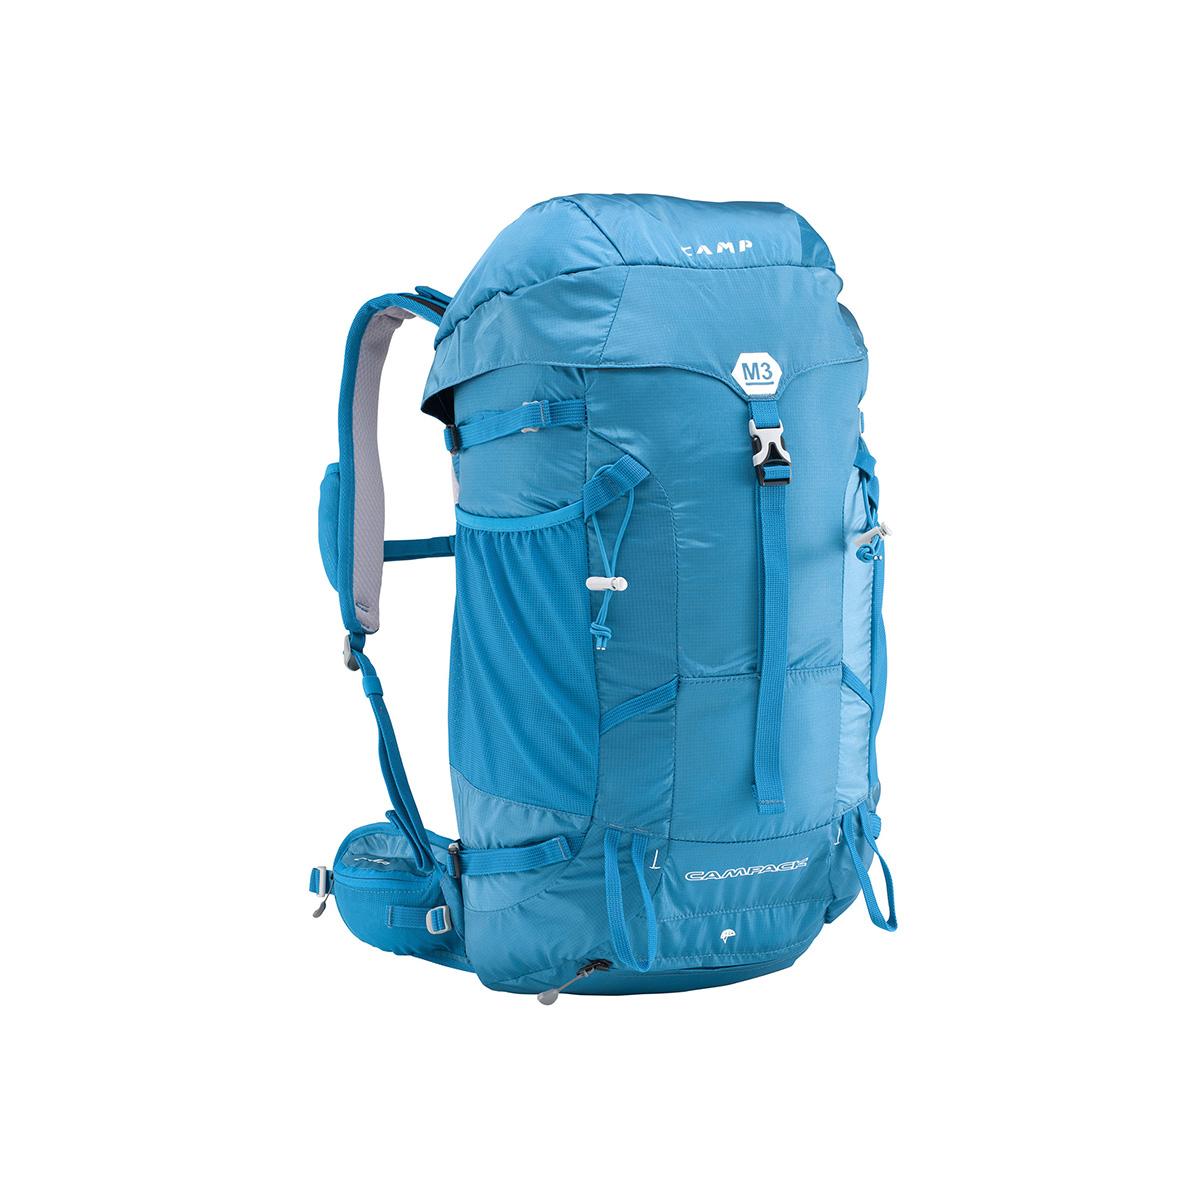 camp campack m3 sacs dos alpinisme epictv shop. Black Bedroom Furniture Sets. Home Design Ideas